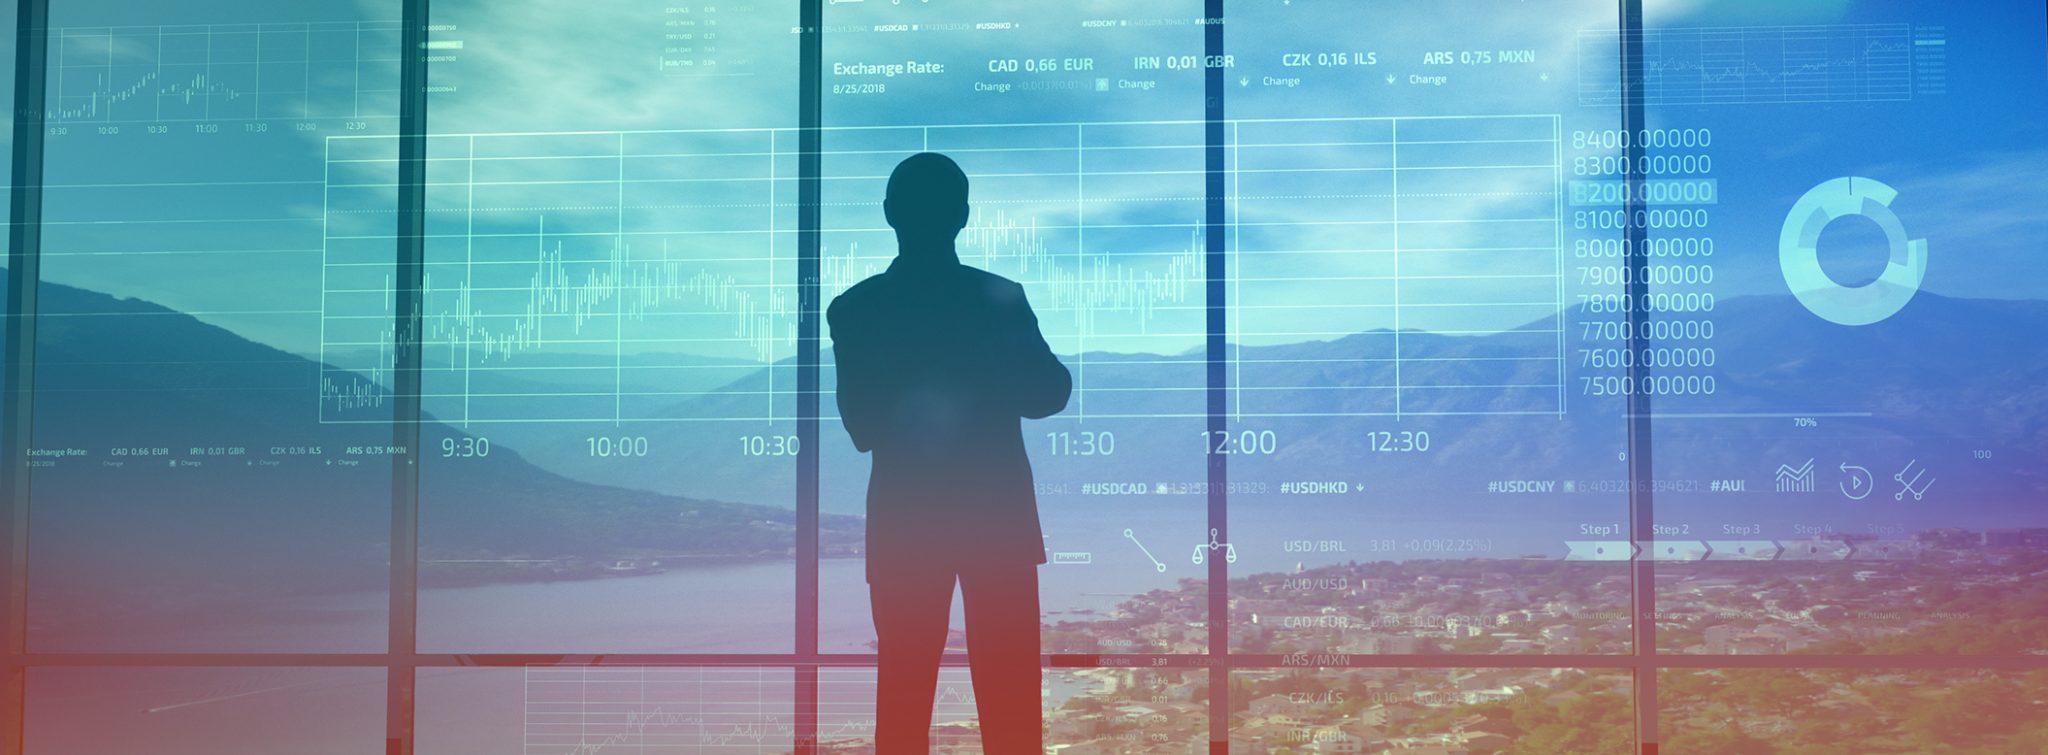 Nexa melhora processo de decisões de compra com solução analítica